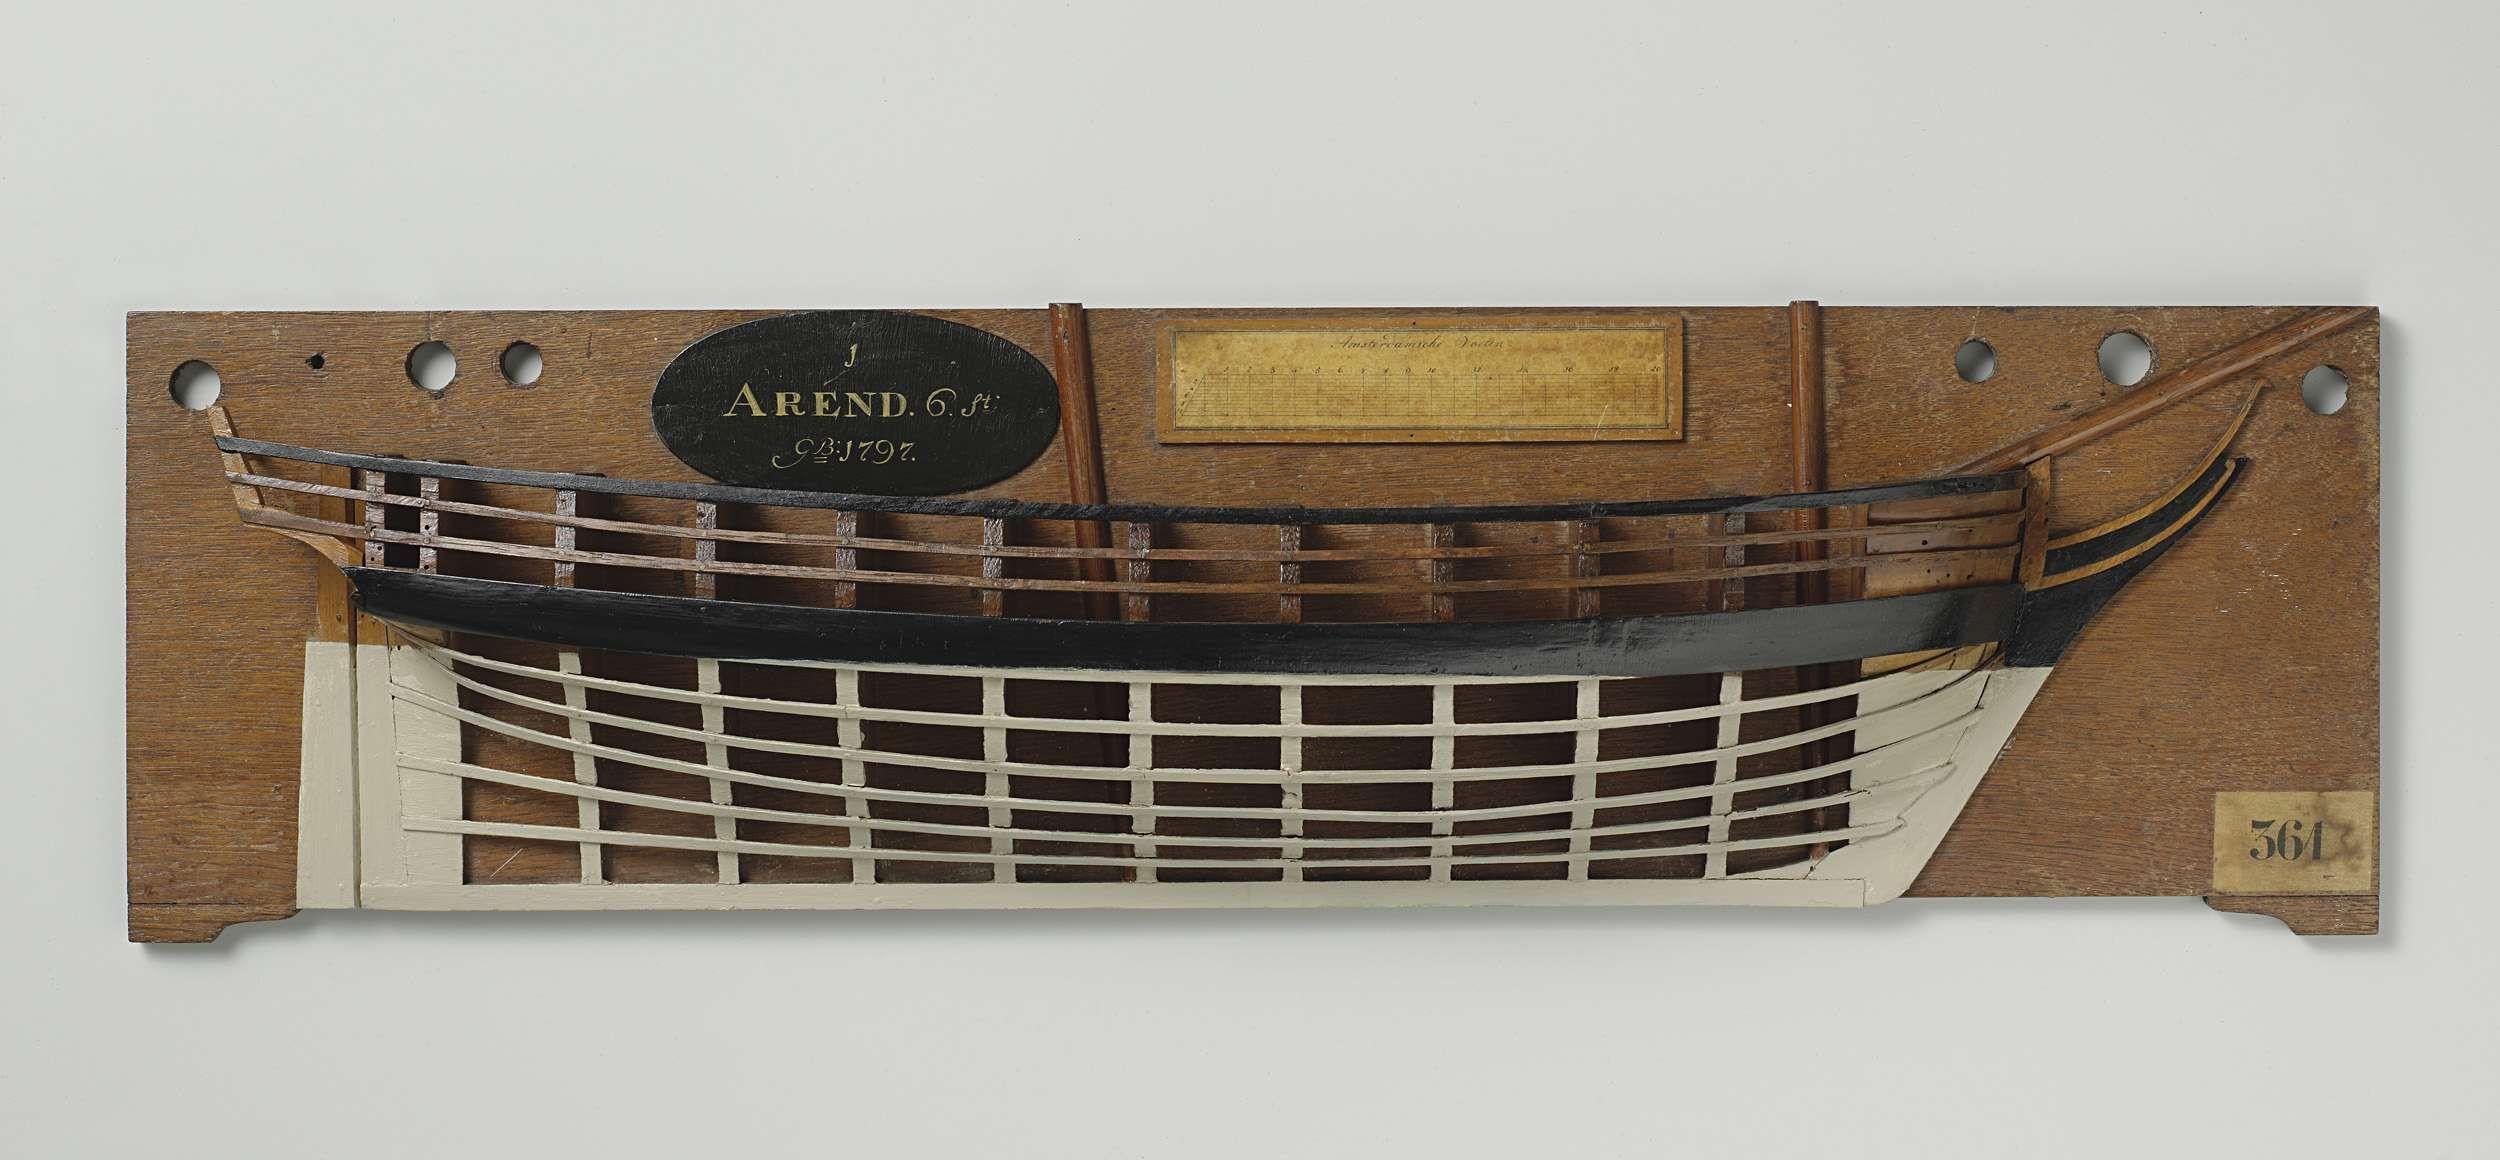 Anonymous   Halfmodel van de brik Arend van 6 stukken, Anonymous, c. 1797 - c. 1798   Mallenmodel (stuurboord) van een tweemaster. Gewrongen spiegel, hol wulf, geen details van hek of zijgalerij; recht roer met vierkante roerkoning. Zeeg naar voor en achter iets oplopend, één barkhout; het reehout is waarschijnlijk van een oude restauratie. Iets gepiekt rondspant. Schaal ca. 1:40 (schaal op model).